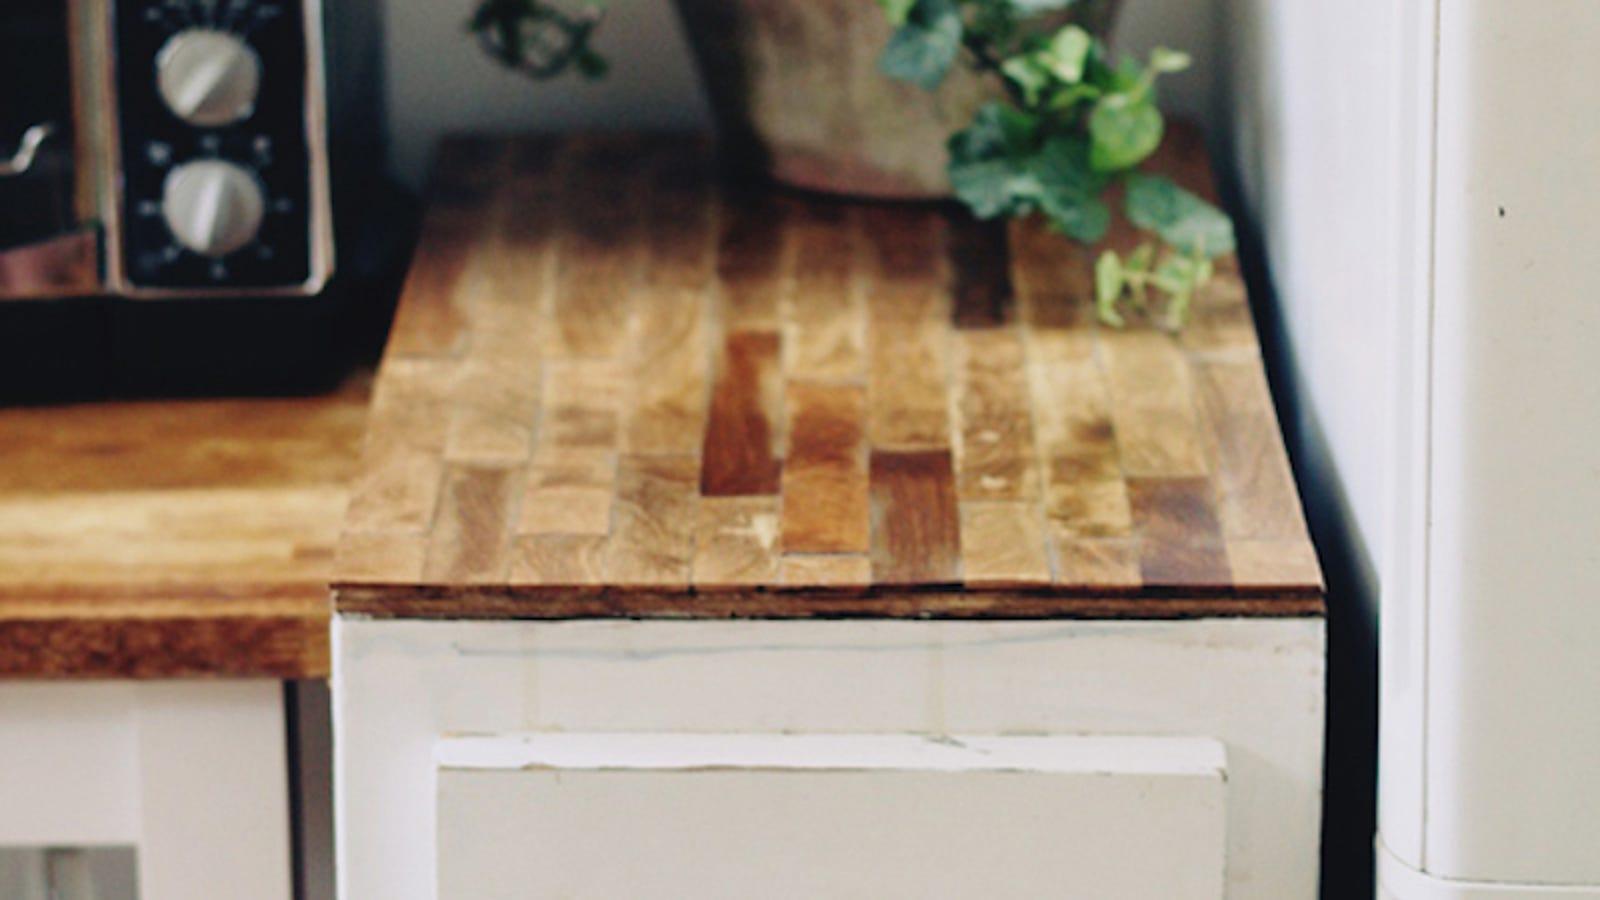 Diy Butcher Block Countertop : Build a Cheap, DIY ?Butcher Block? Countertop With Plywood and Paint Sticks